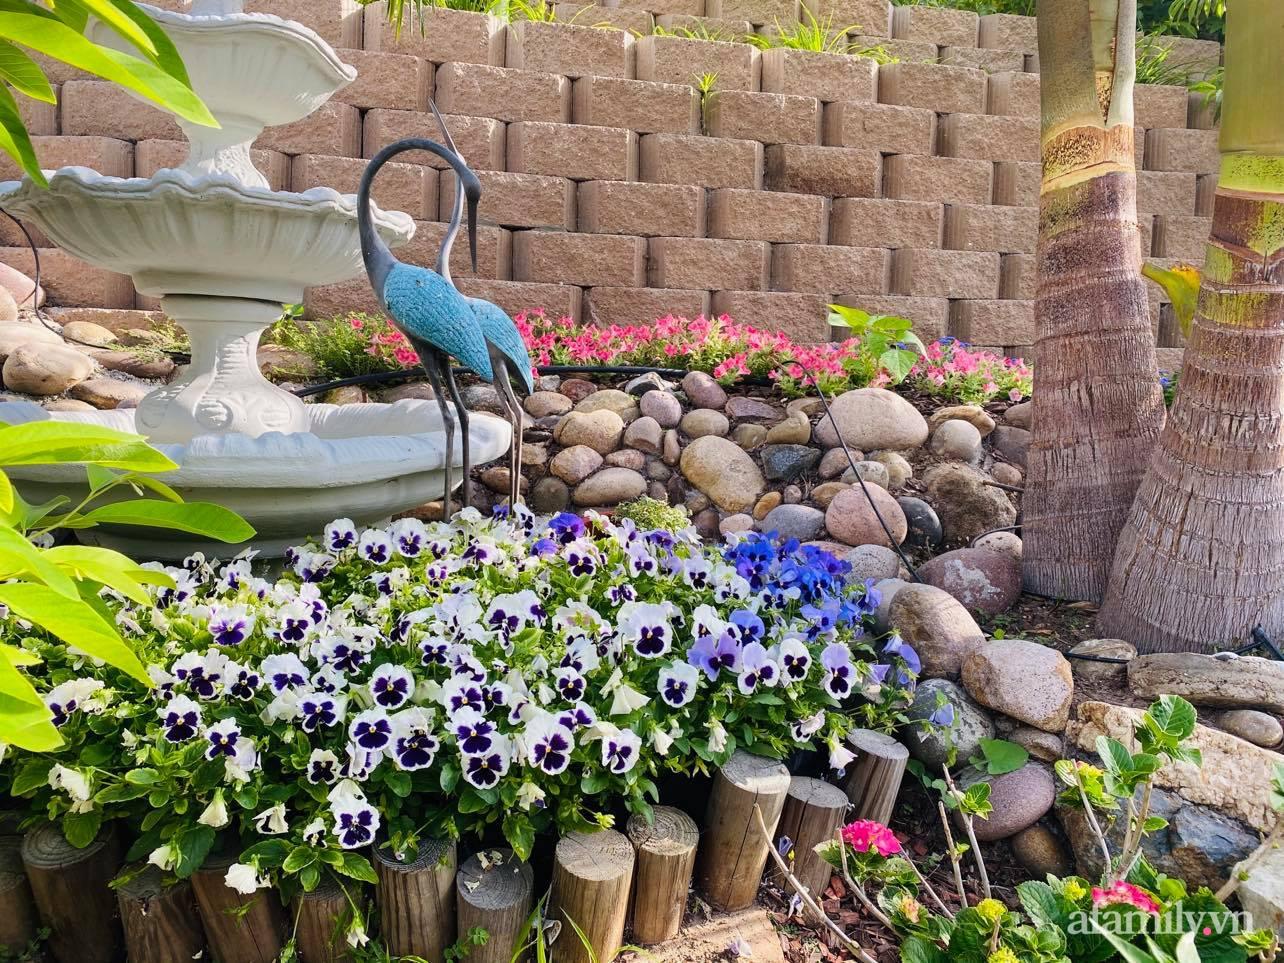 Khu vườn 750m² muôn hoa khoe sắc tỏa hương của mẹ Việt thức đêm chăm cây ở Mỹ - Ảnh 17.